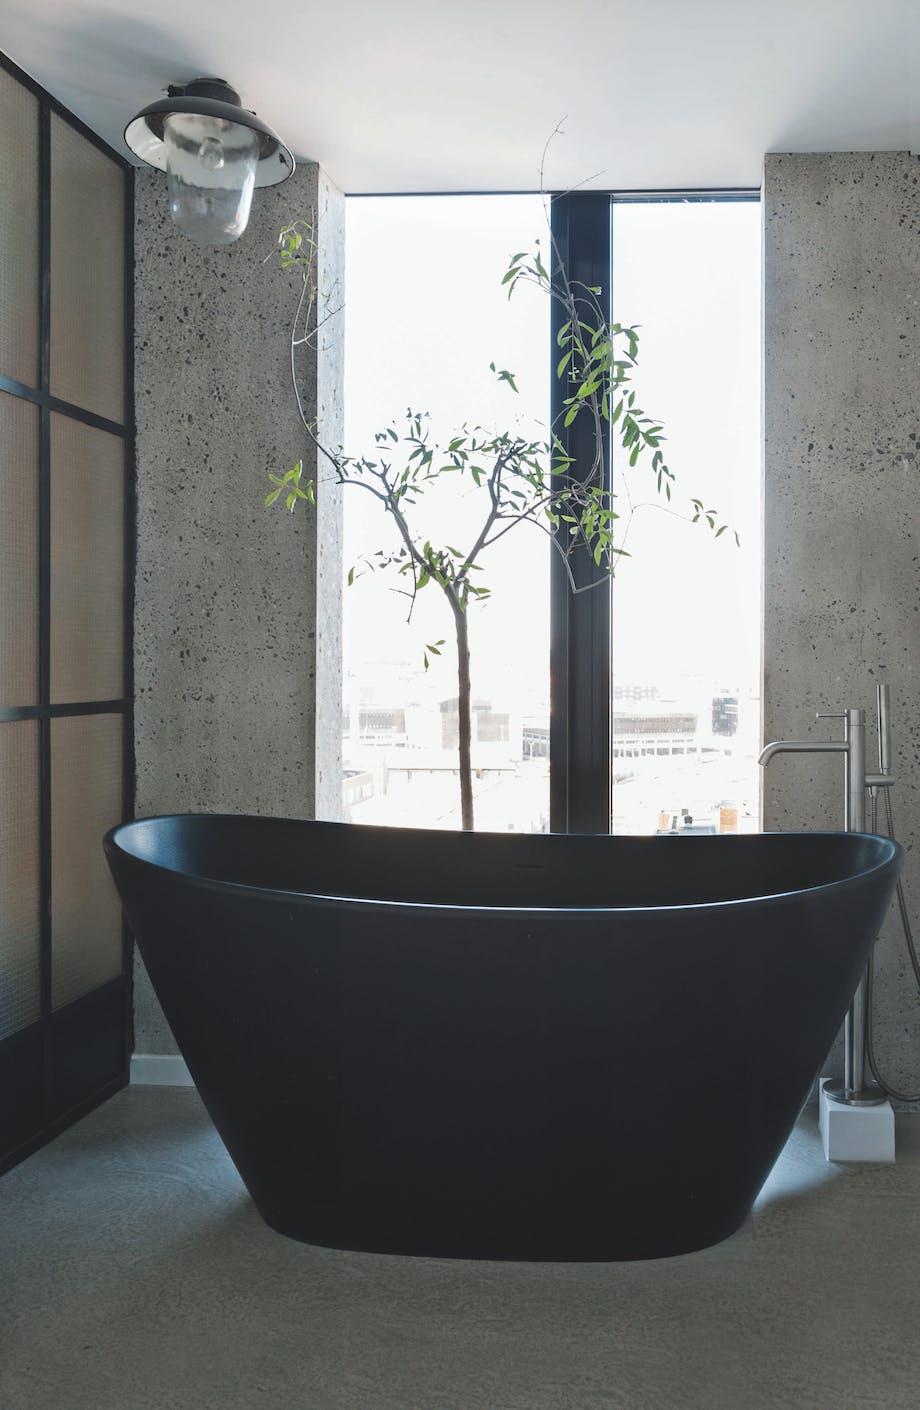 Badekar i industrielt badeværelse